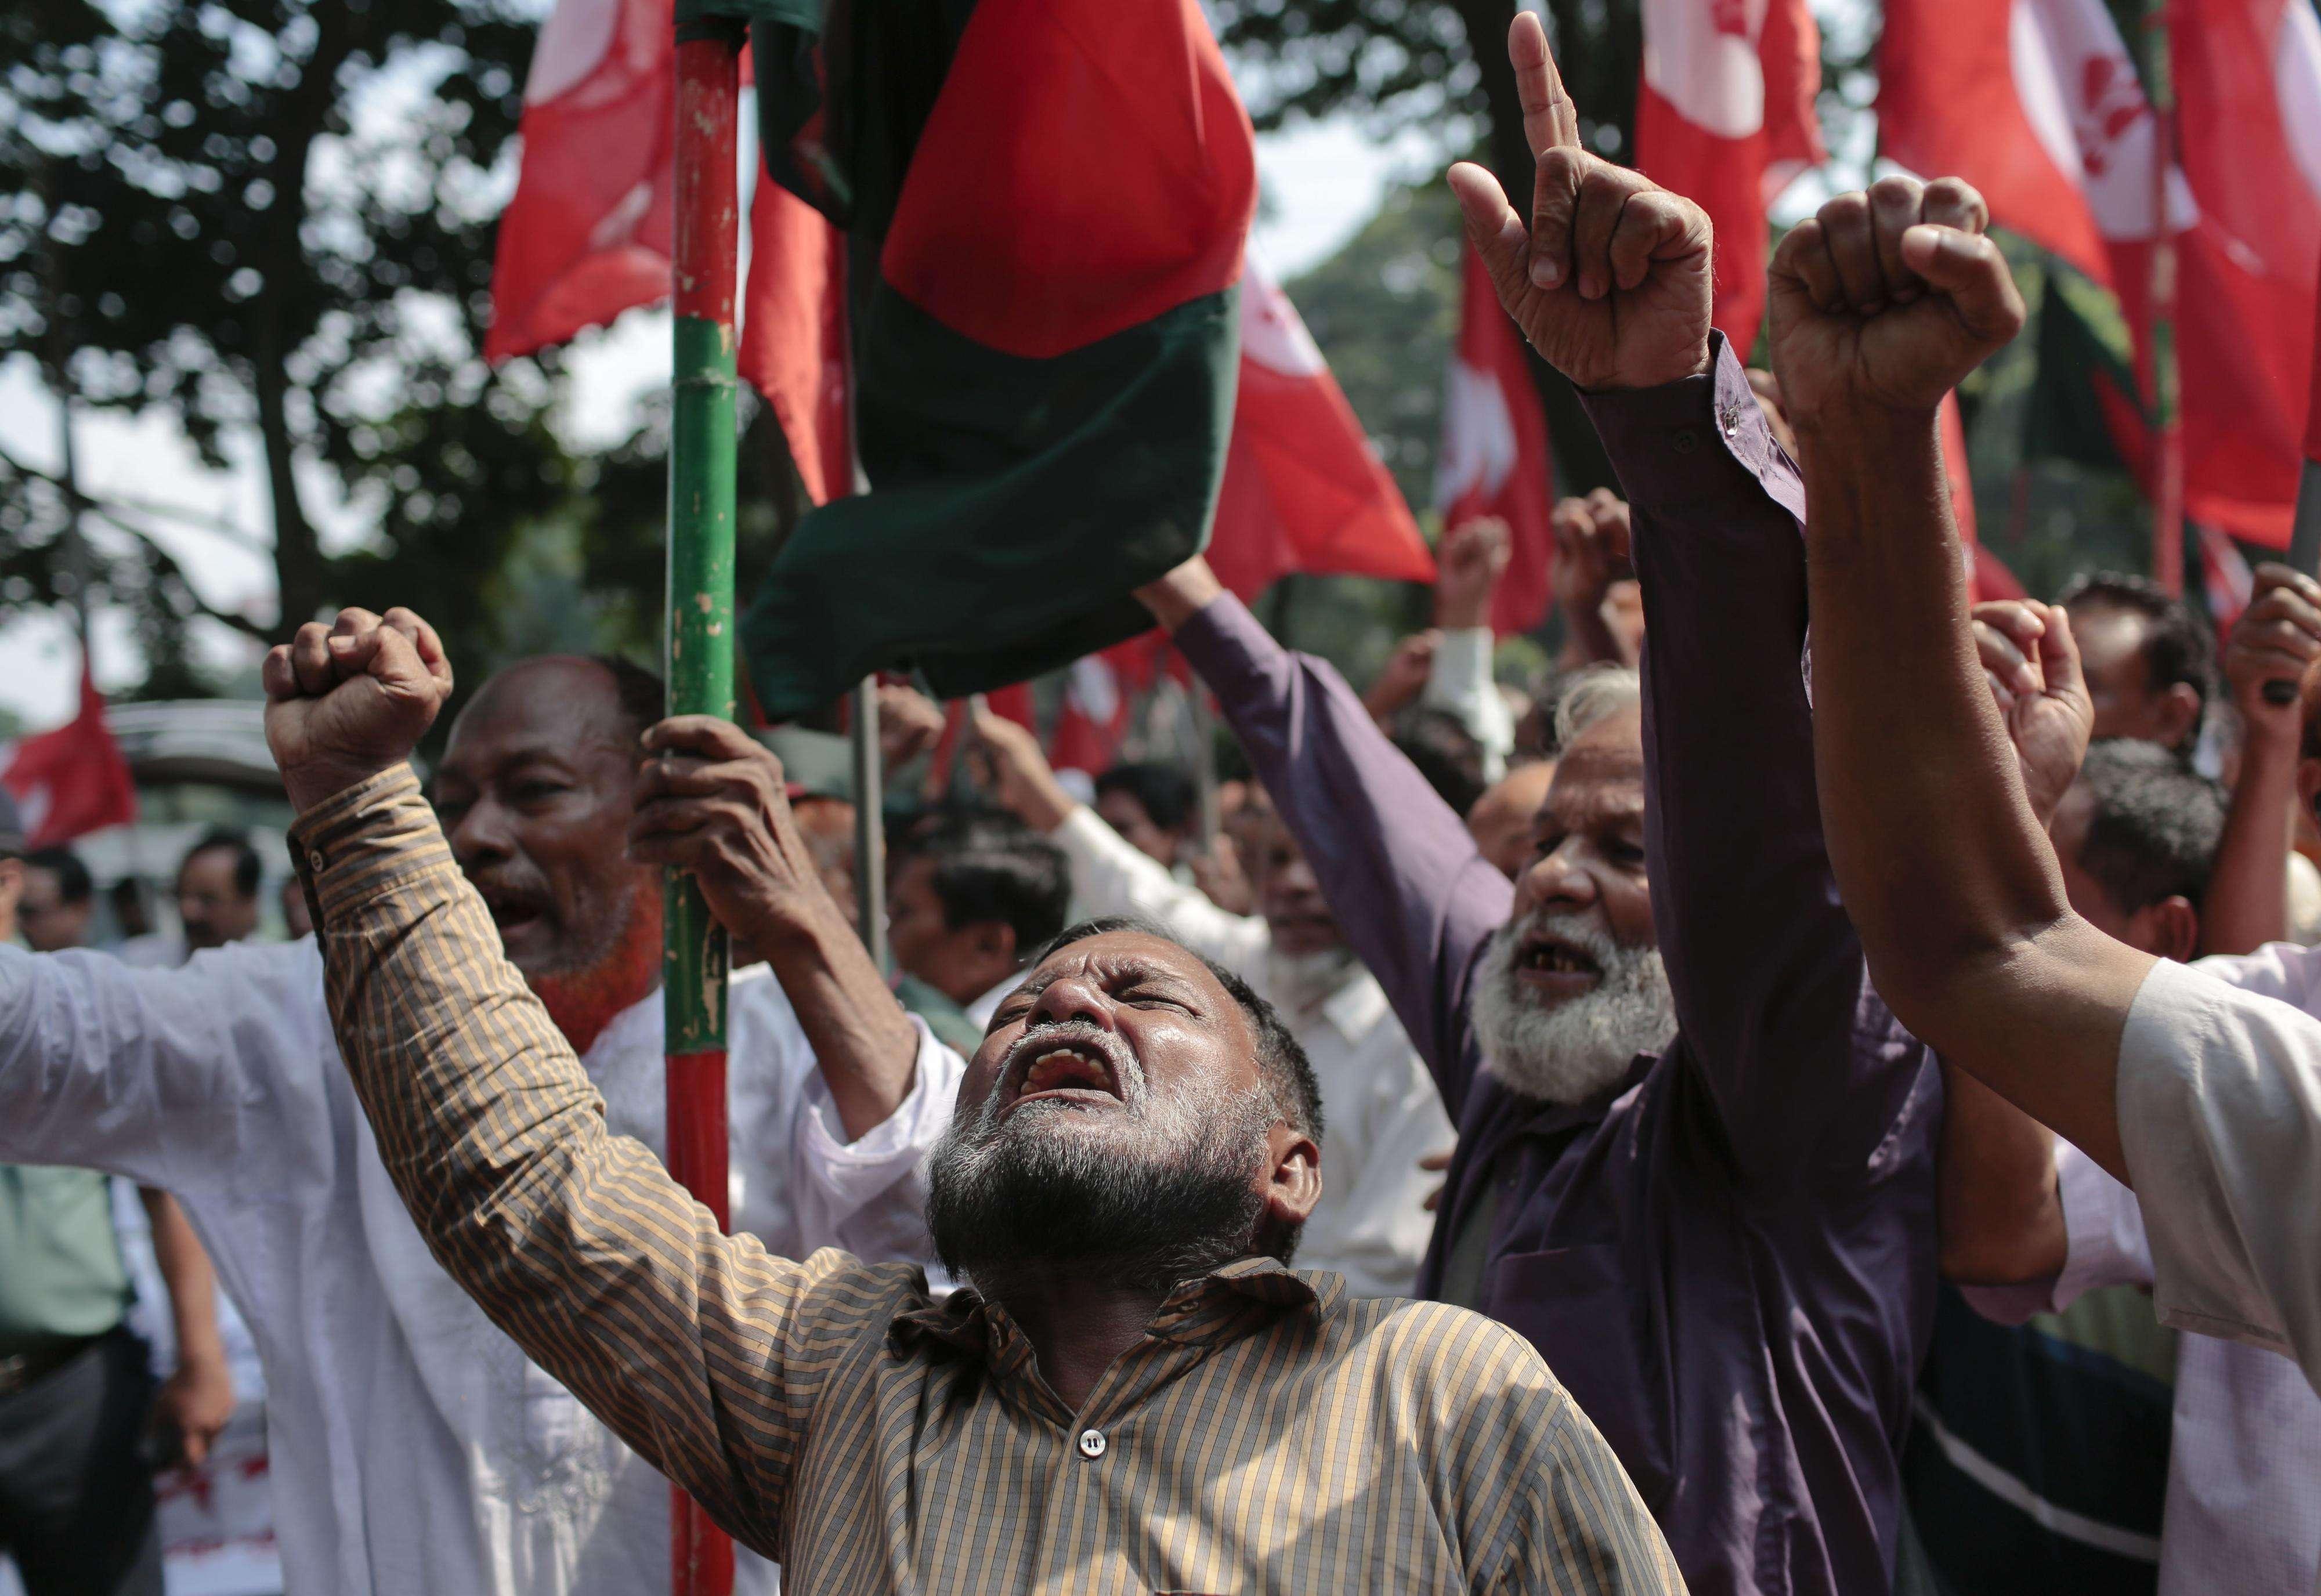 Activistas gritan consignas exigiendo castigo para los culpables de crímenes de guerra afuera de un tribunal en Dhaka, el 02 de noviembre del 2014. Foto: AP en español